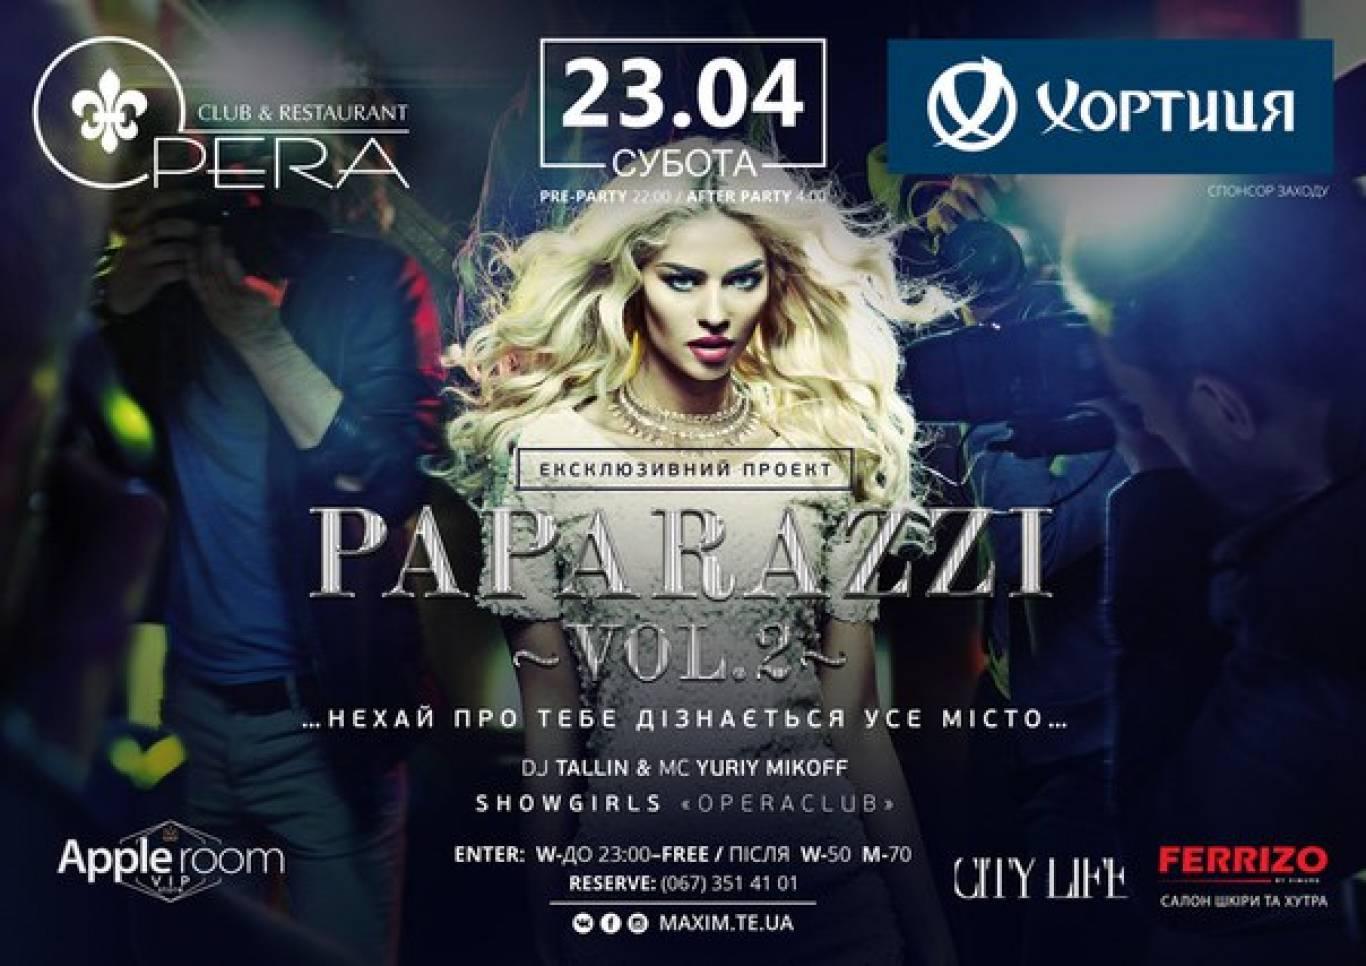 Вечірка Paparazzi Vol.2